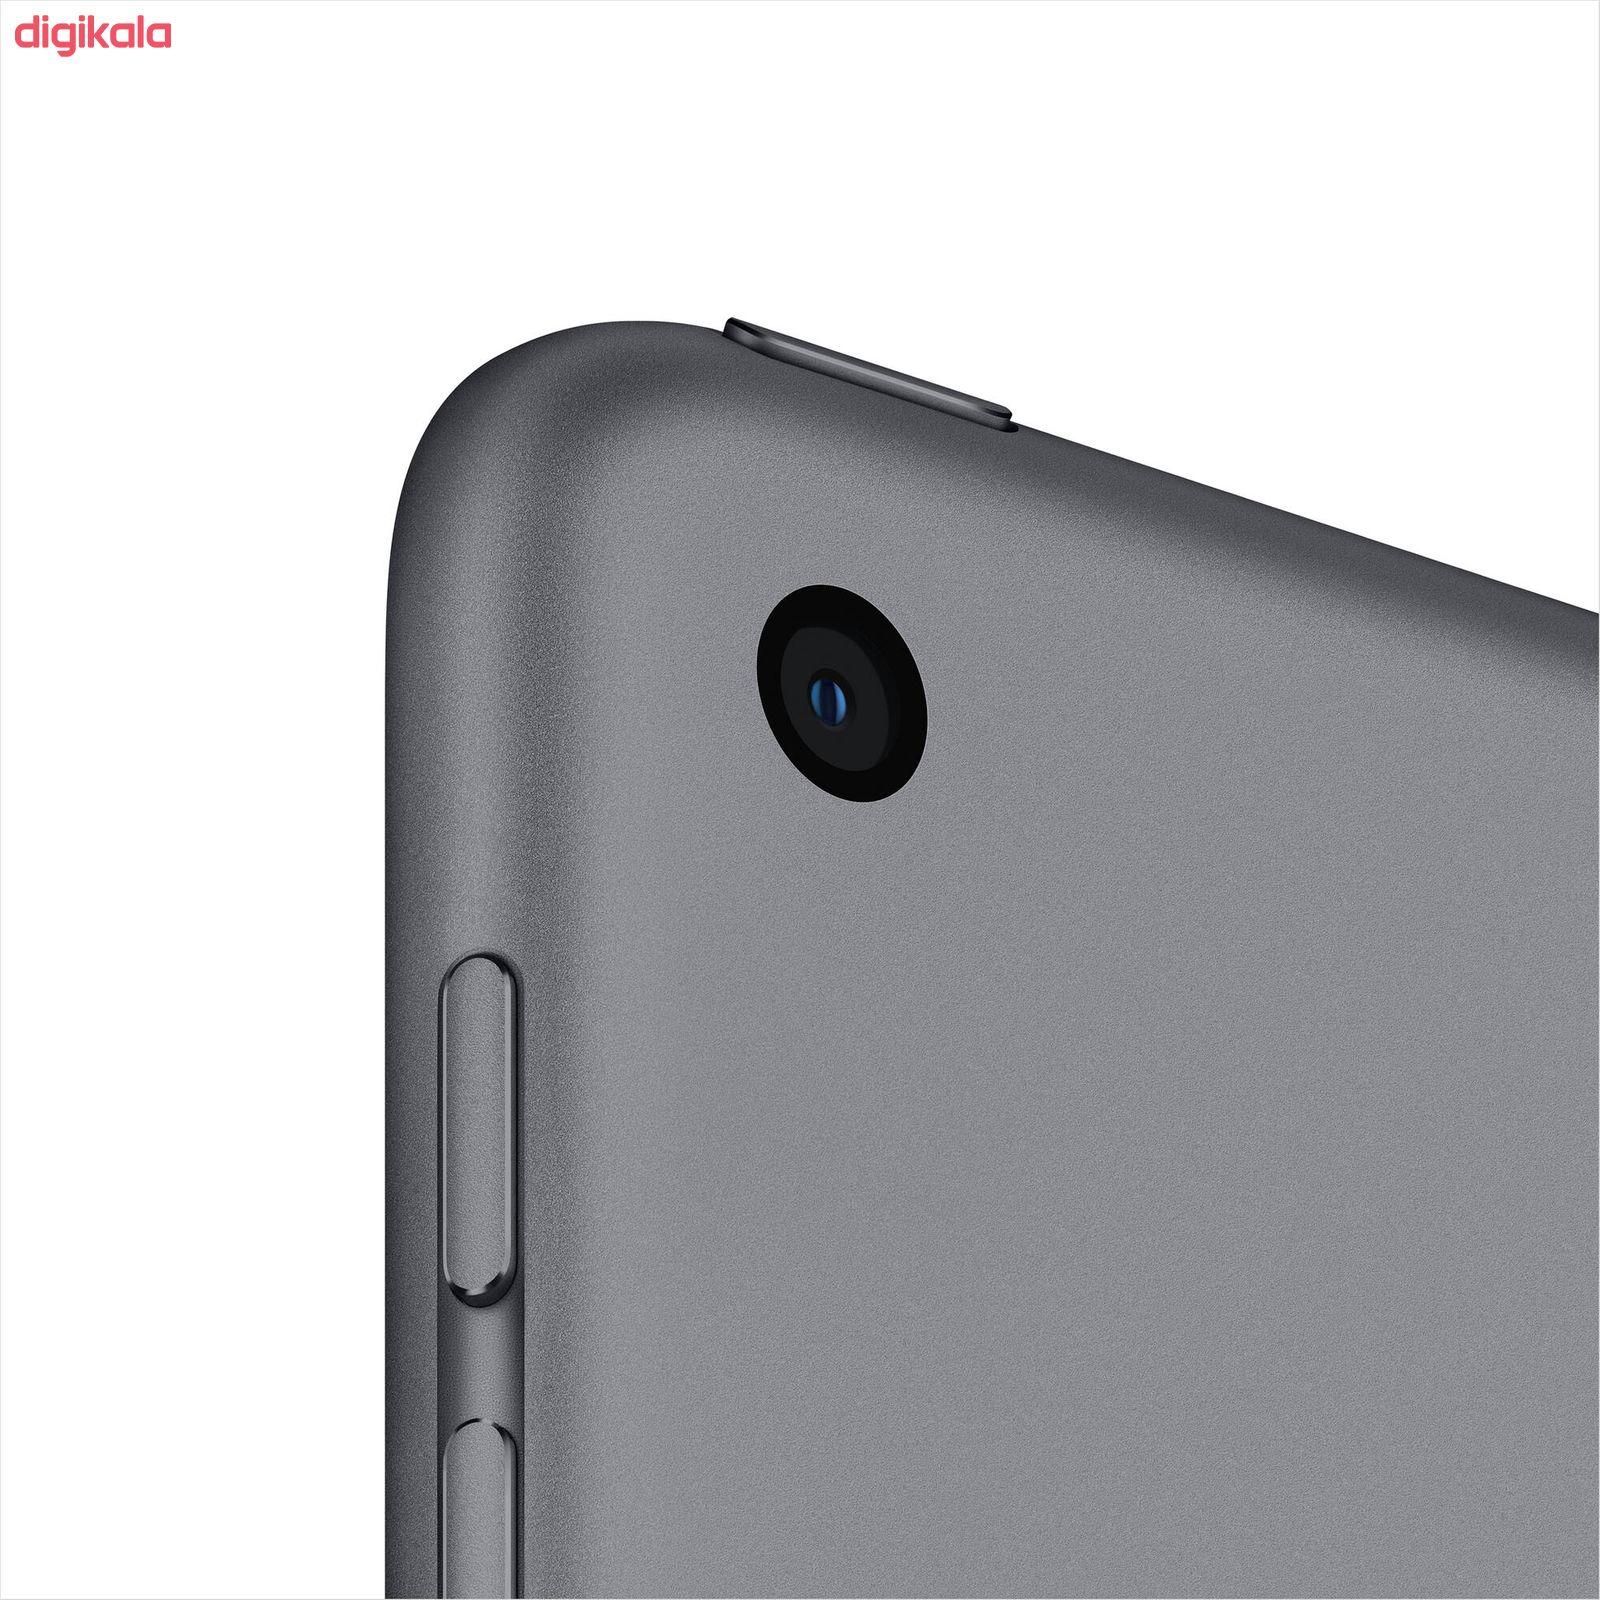 تبلت اپل مدل iPad 10.2 inch 2020 4G/LTE ظرفیت 128 گیگابایت  main 1 2